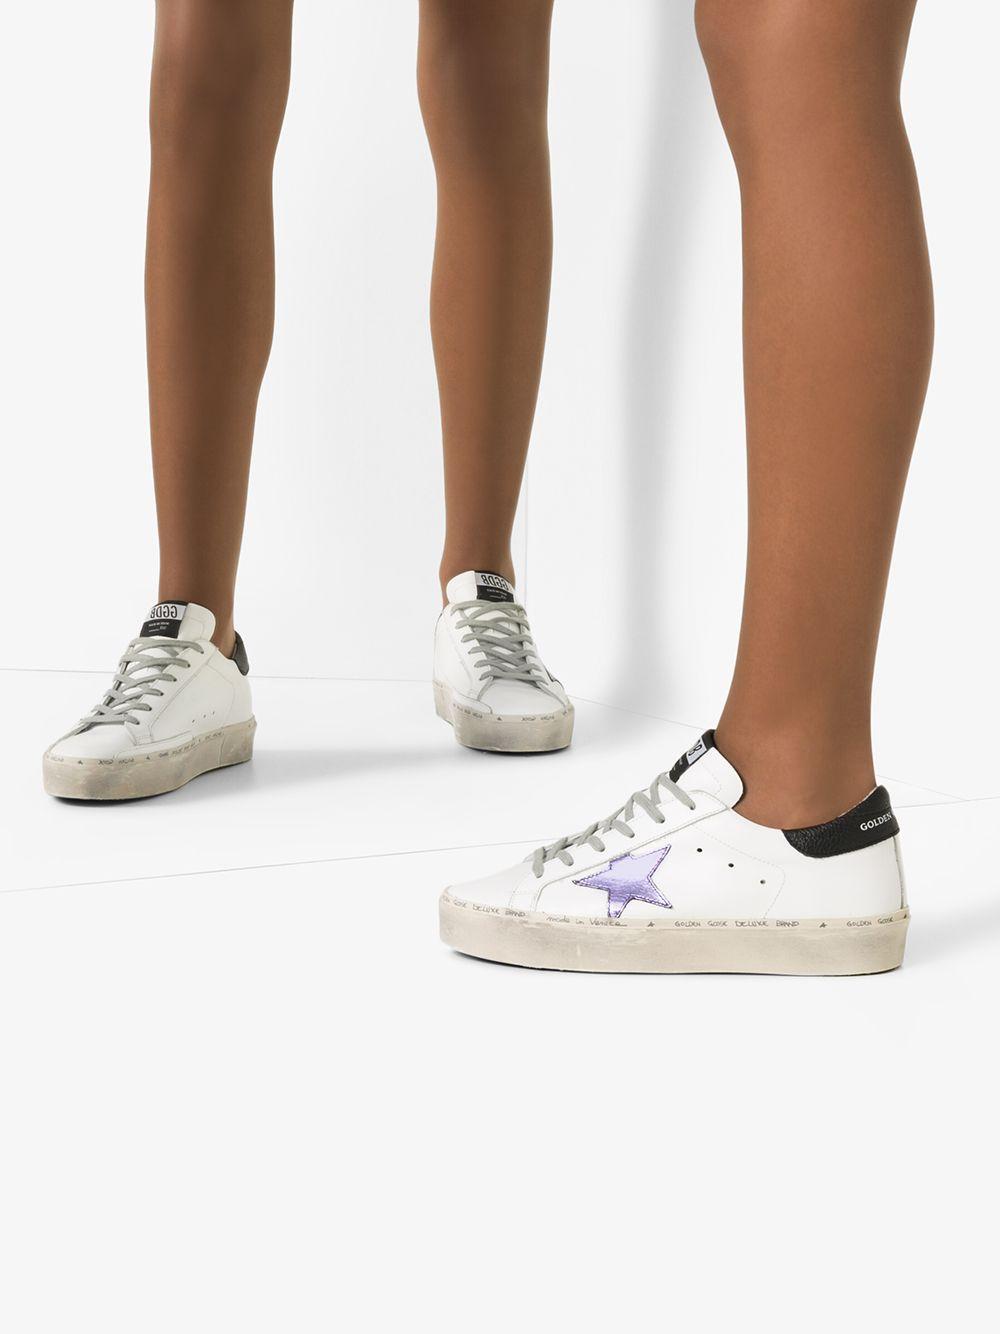 Zapatillas bajas Hi Star Golden Goose Deluxe Brand de Pluma de oca de color Blanco